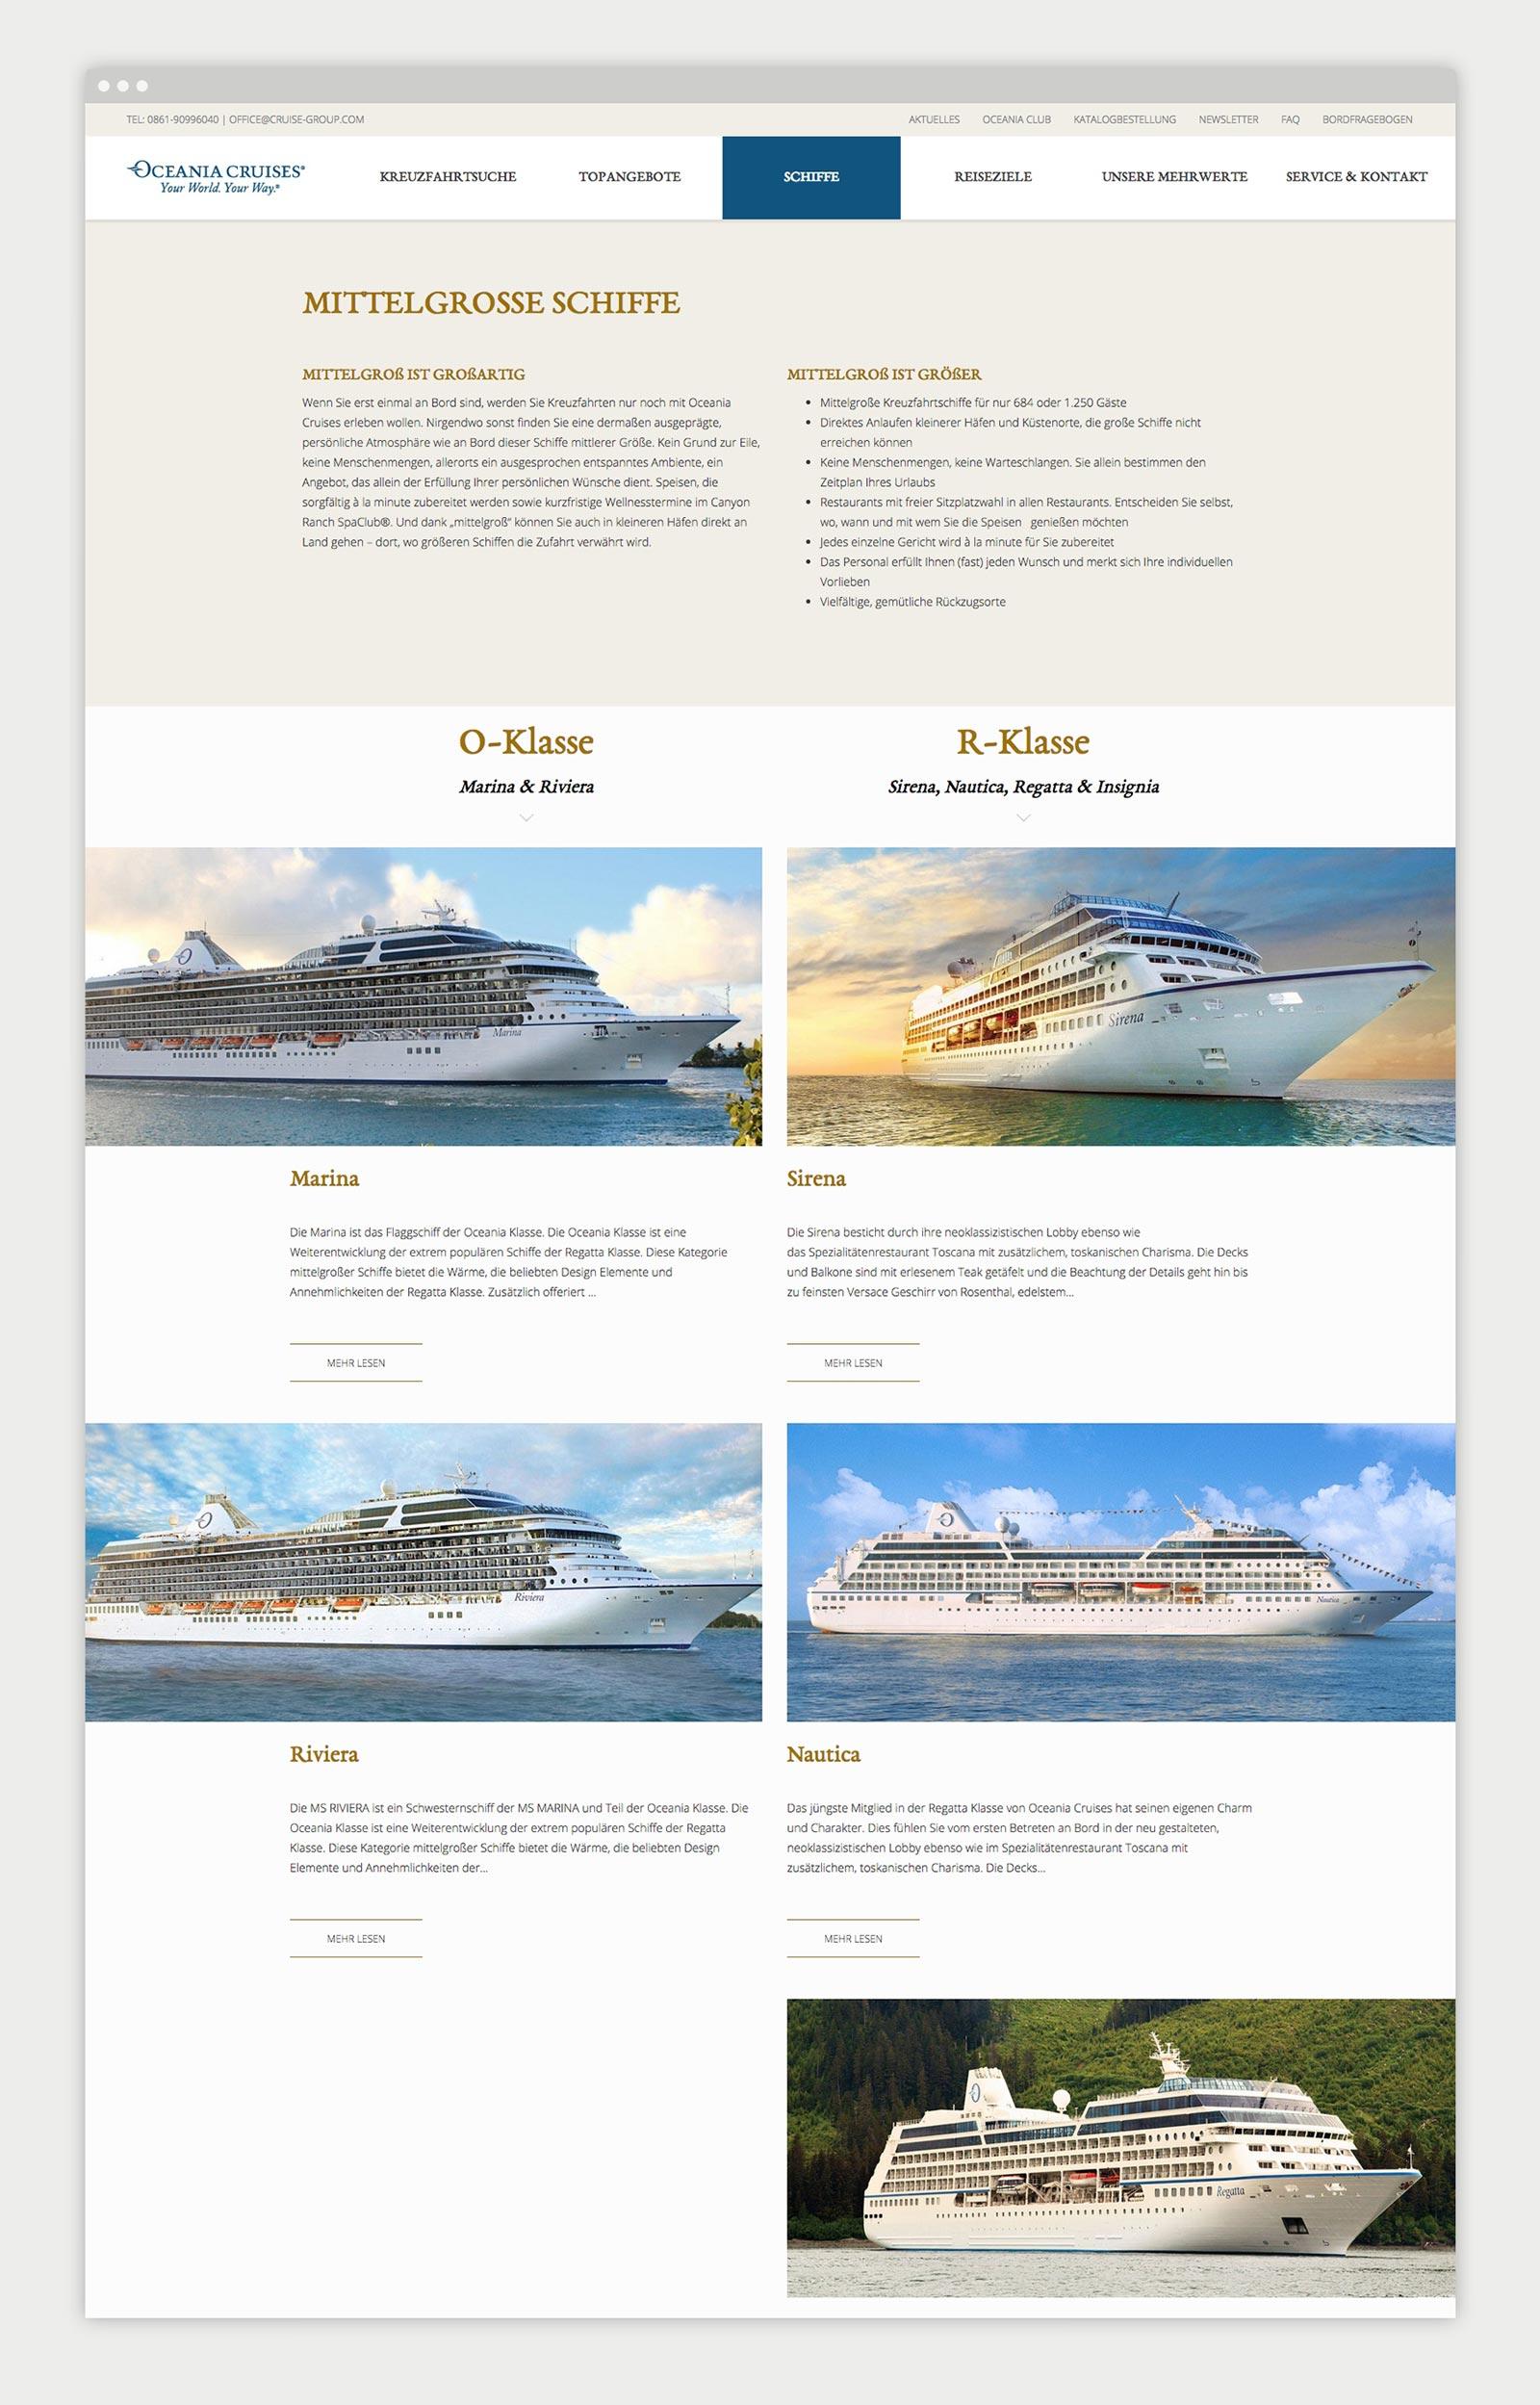 Oceania Cruises Kreuzfahrten Übersichtsseite Schiffe